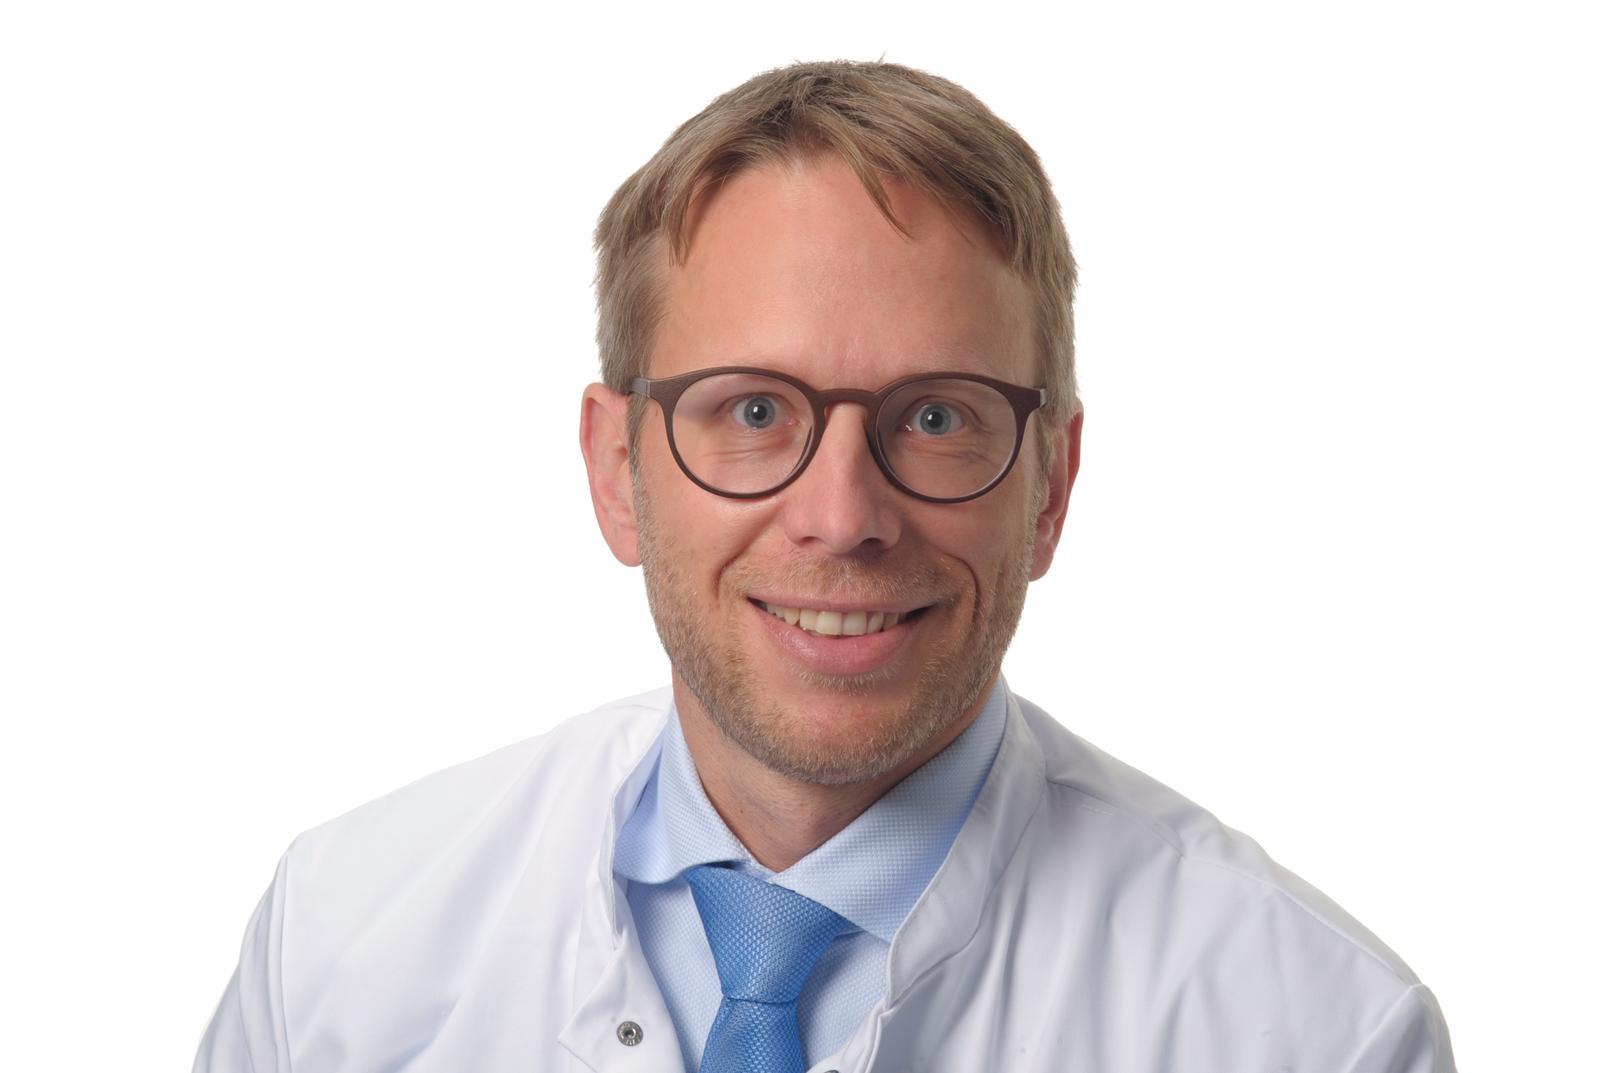 Jan D'Haese